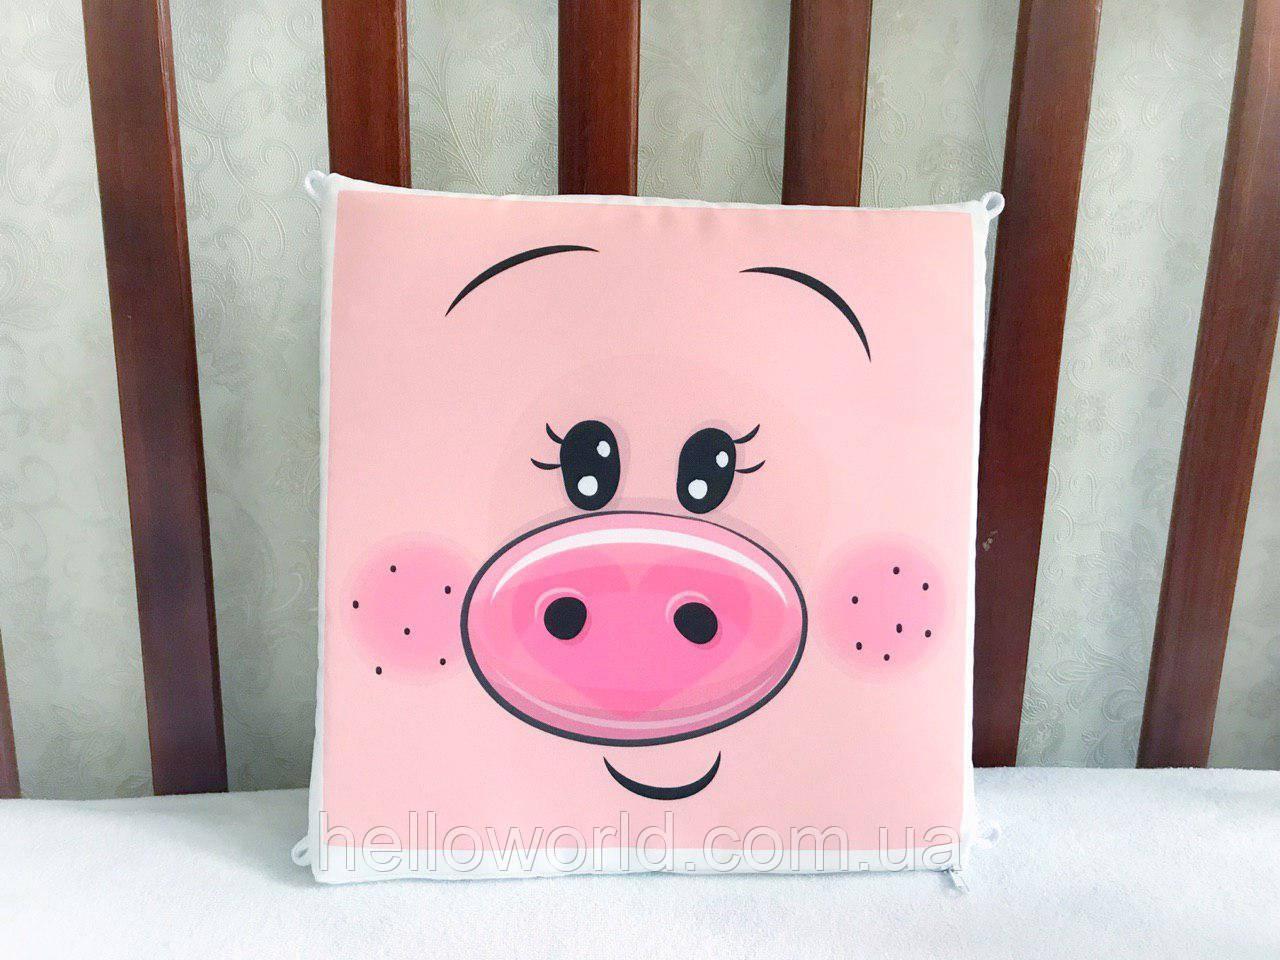 Бортик Мордашка розовой свинки